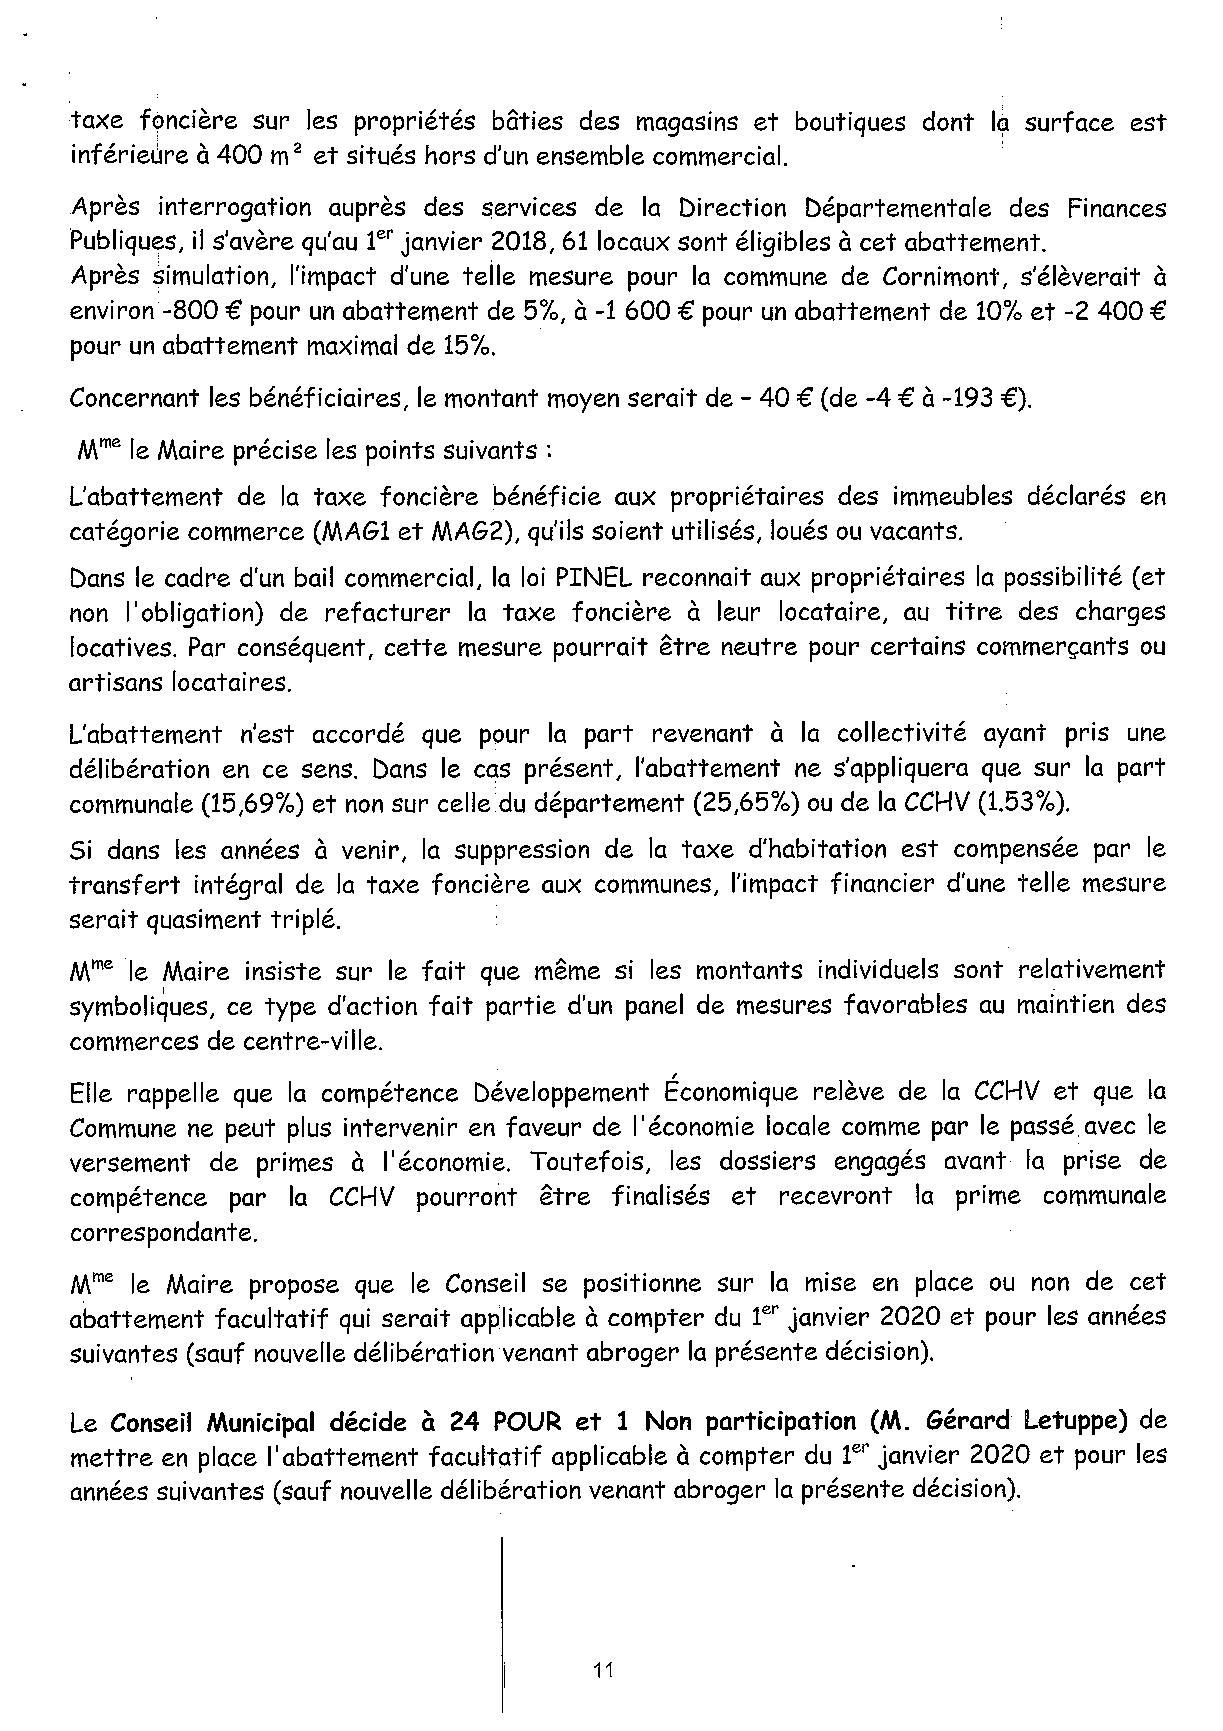 CR CONSEIL MUNICIPAL du 15.03.2019-page-011